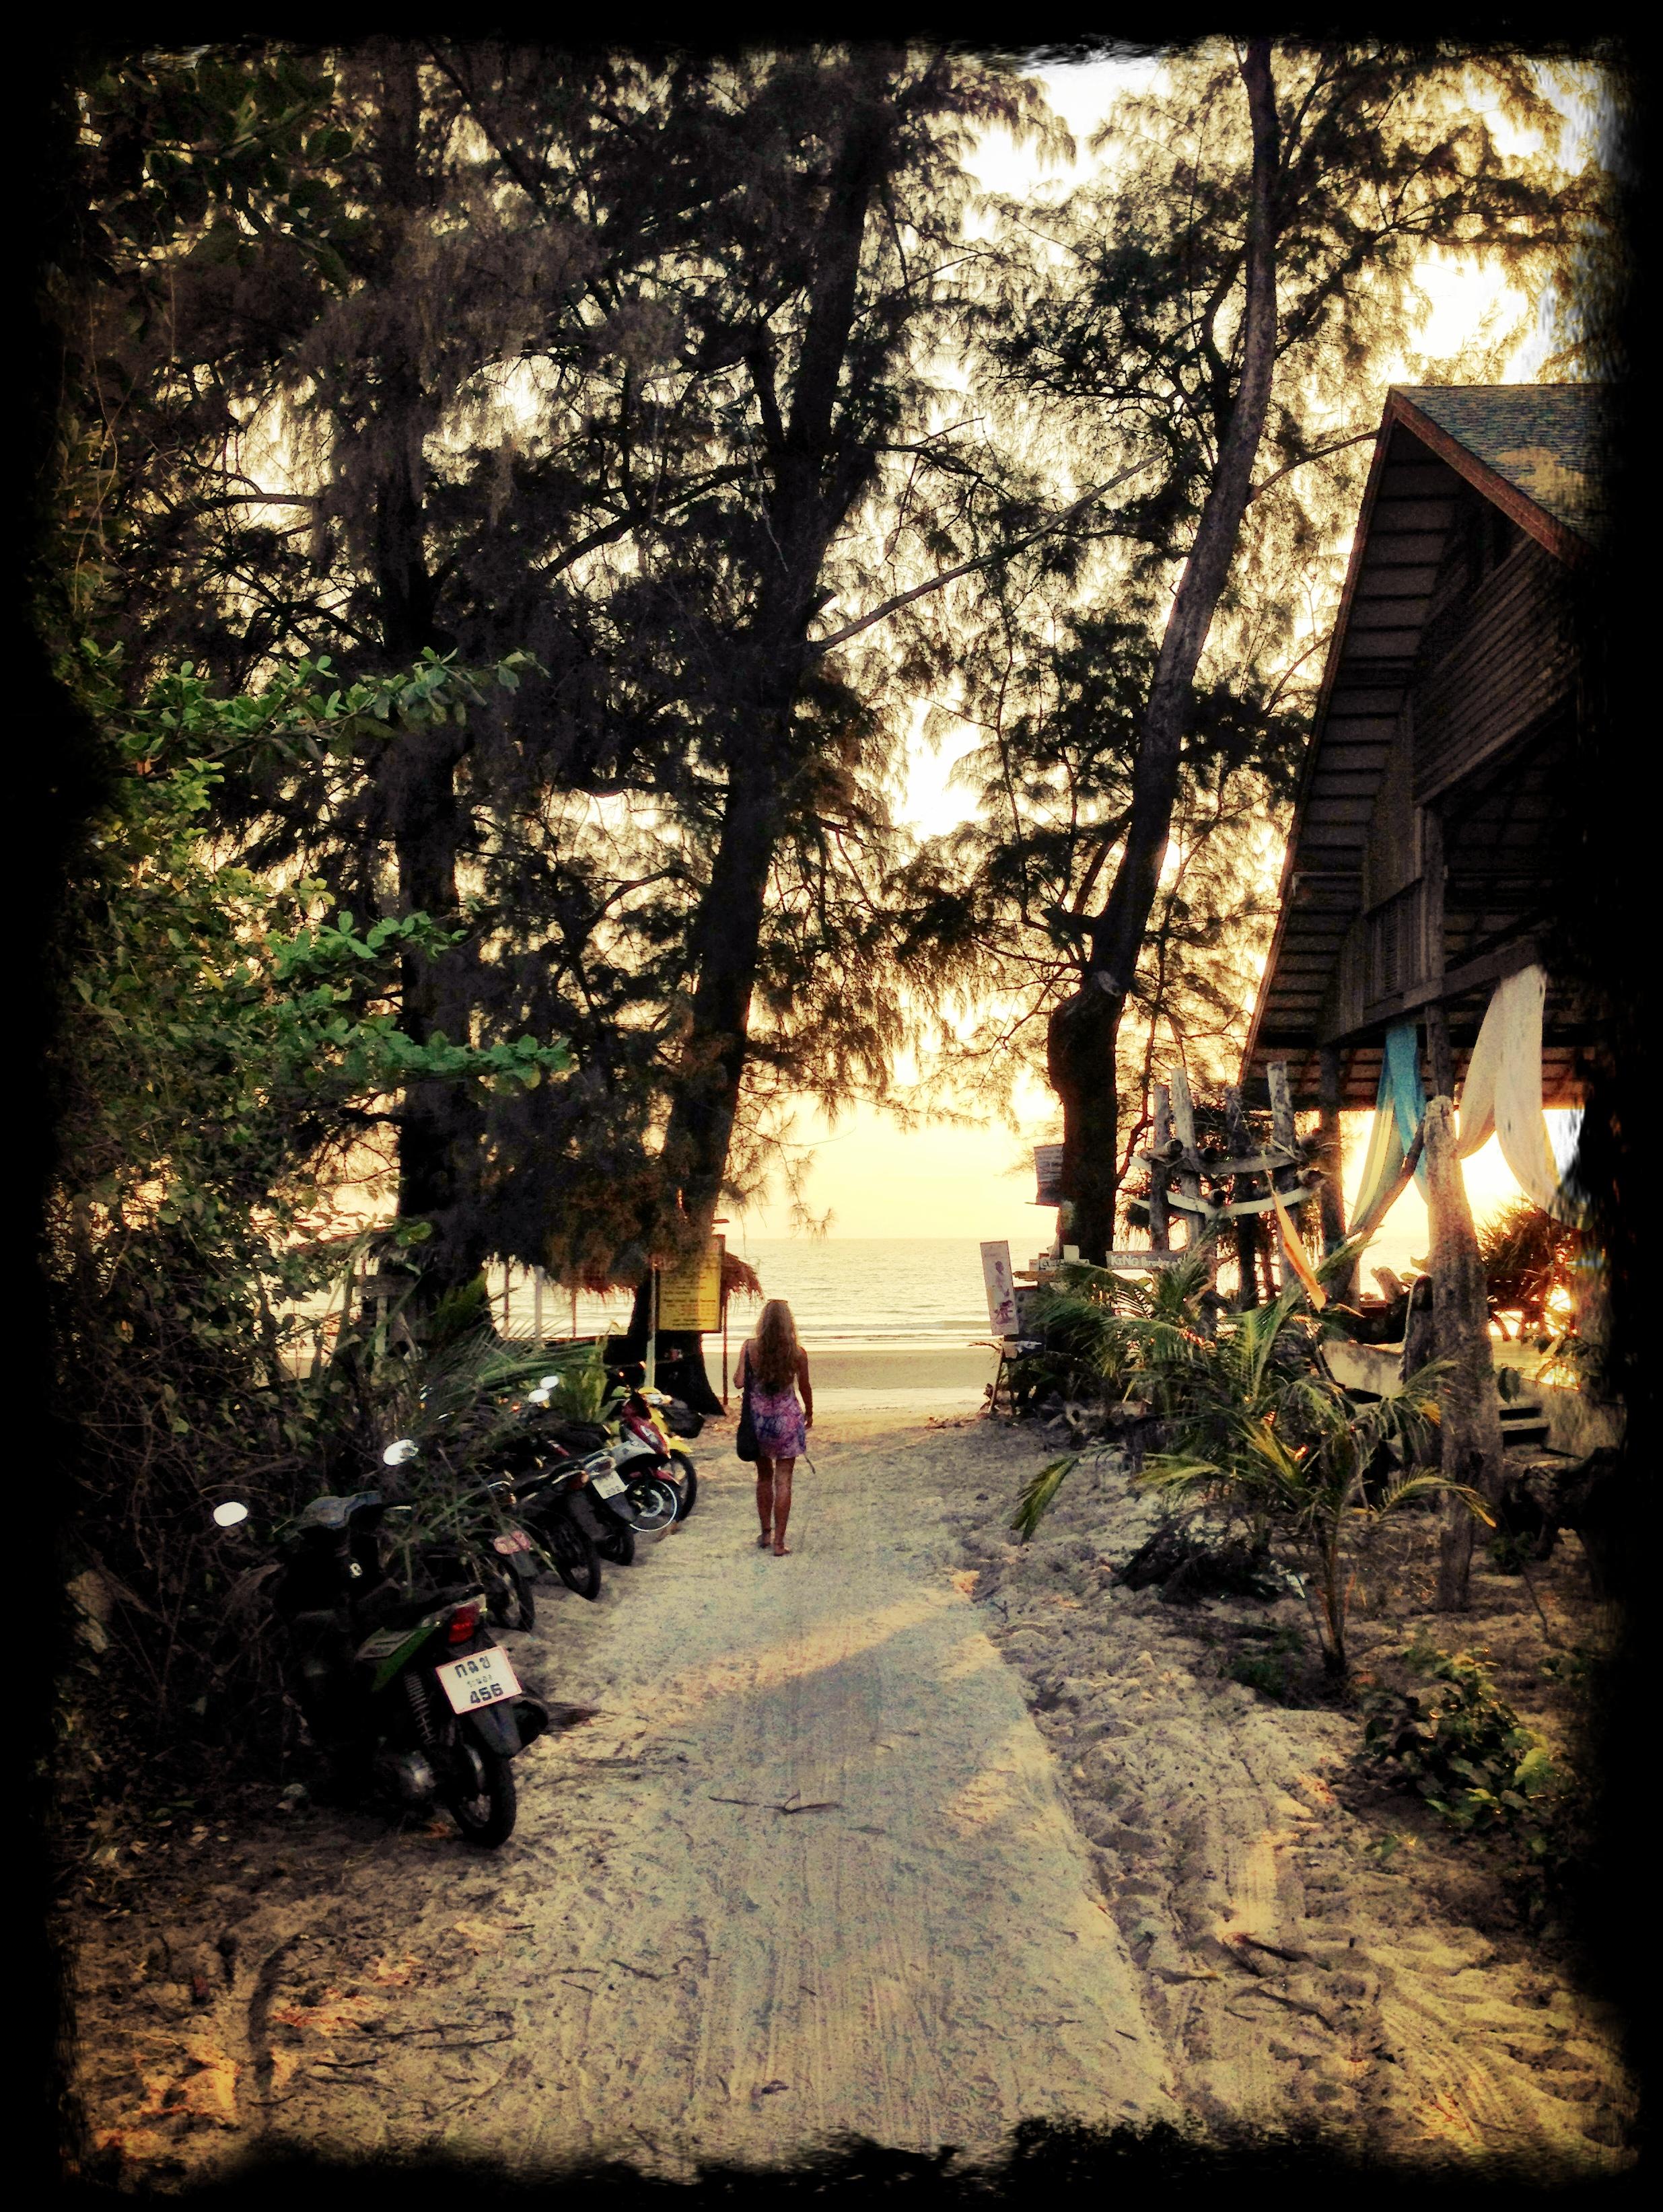 Thailand Beach road